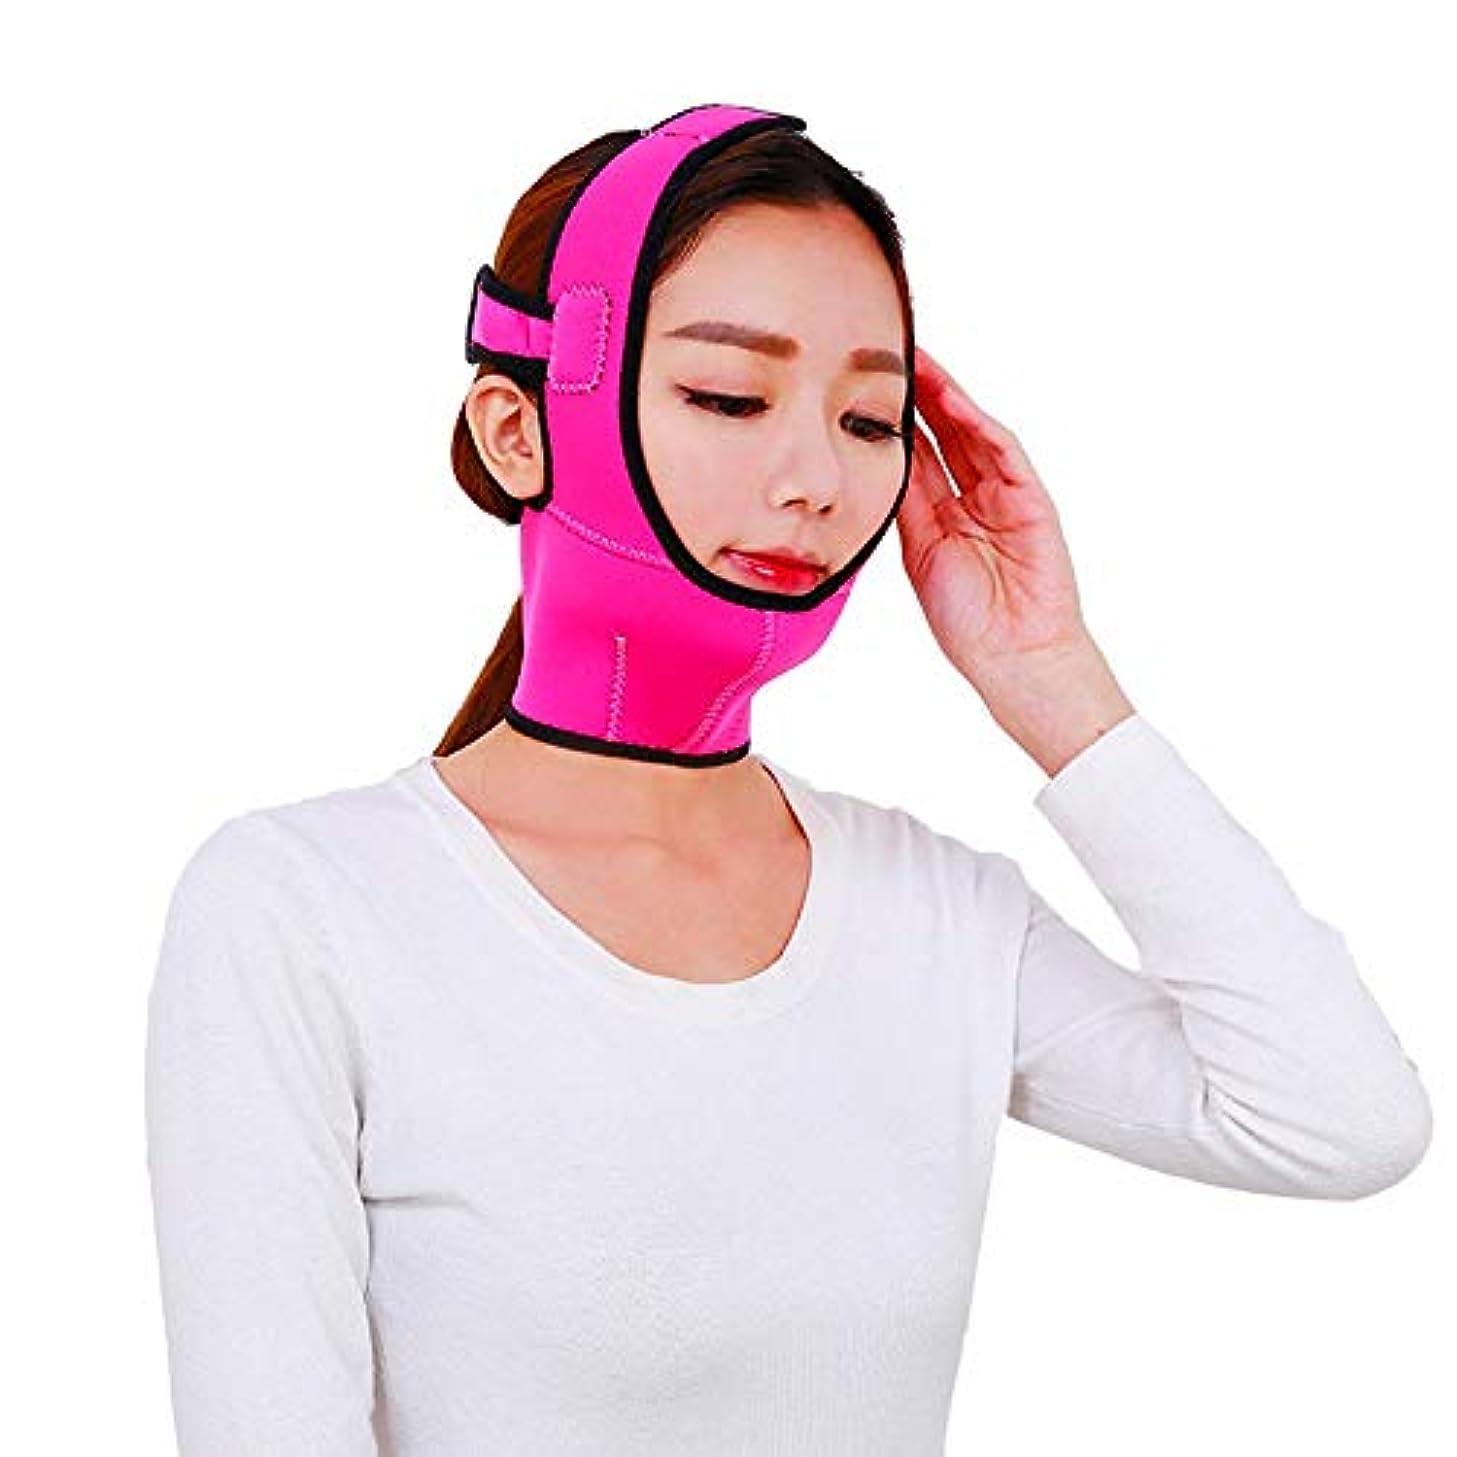 食堂進化するシャワーフェイスリフトベルト 顔を持ち上げるベルト通気性の顔面リフティング包帯ダブルチン顔面リフティングマスクを締めるV顔面顔面リフレッシングツール